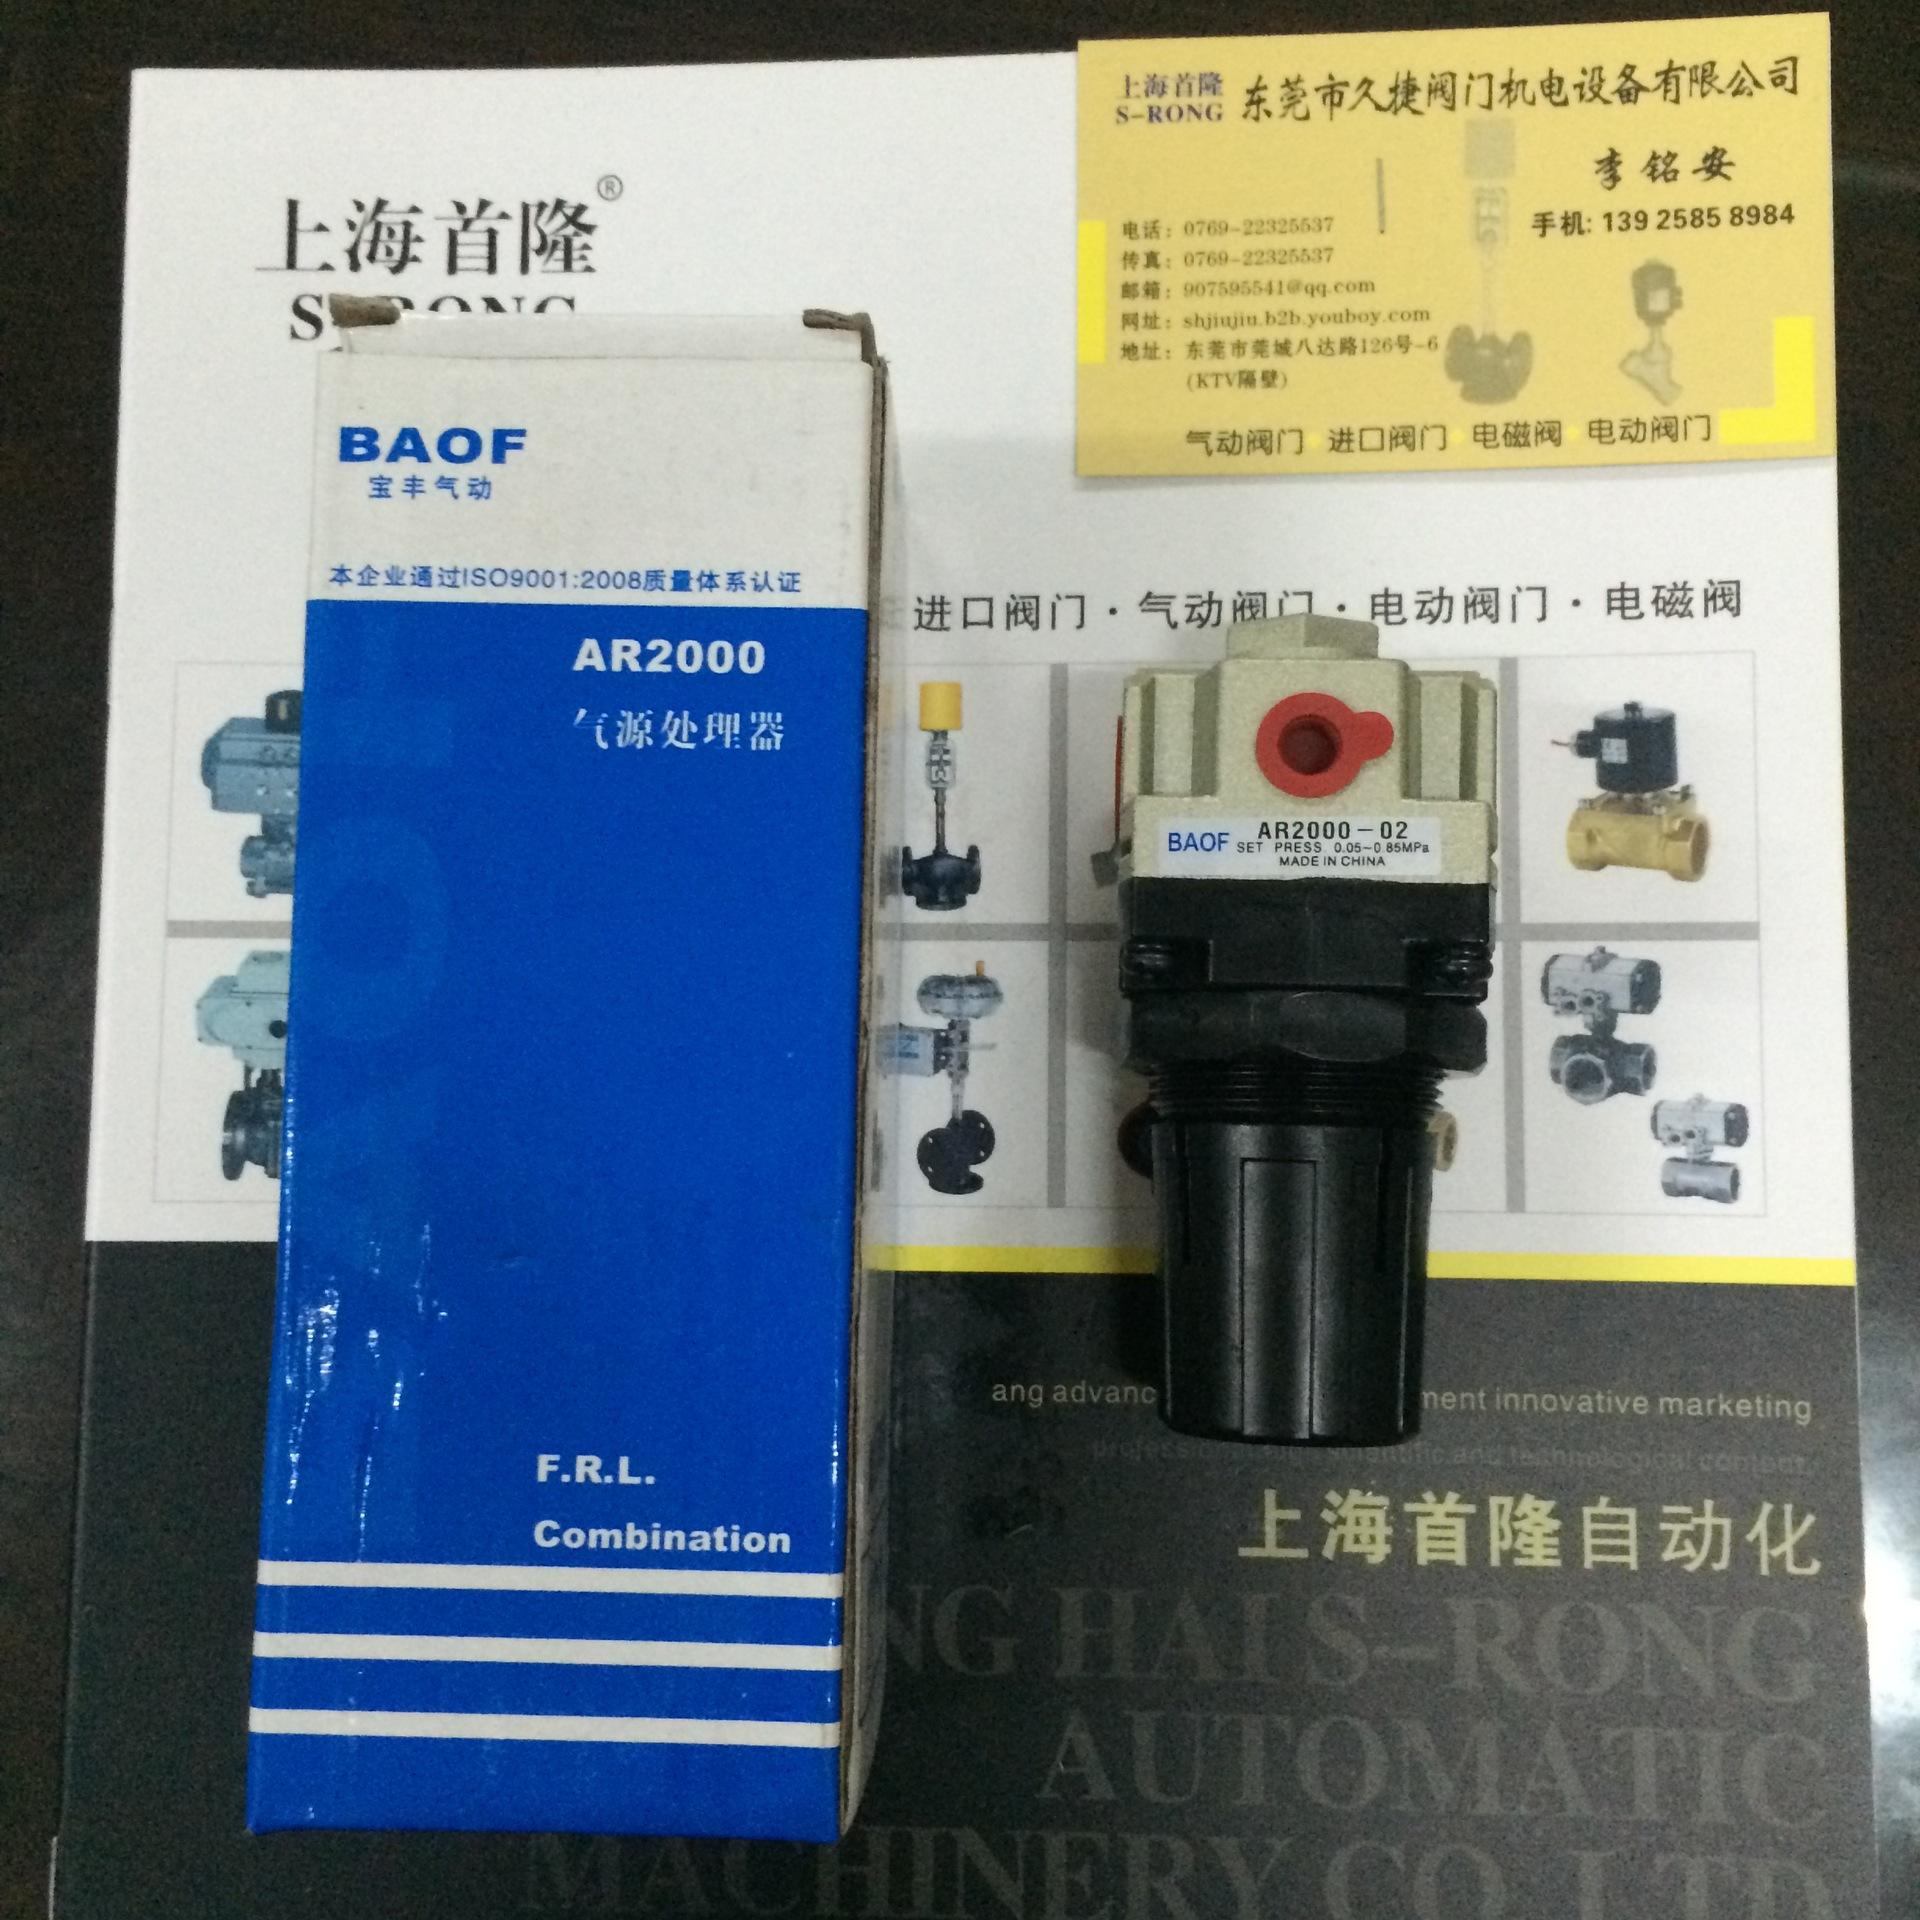 BAOF空气调压阀、AR2000-02调气阀、AKS气压调节阀、BAOF气动元件